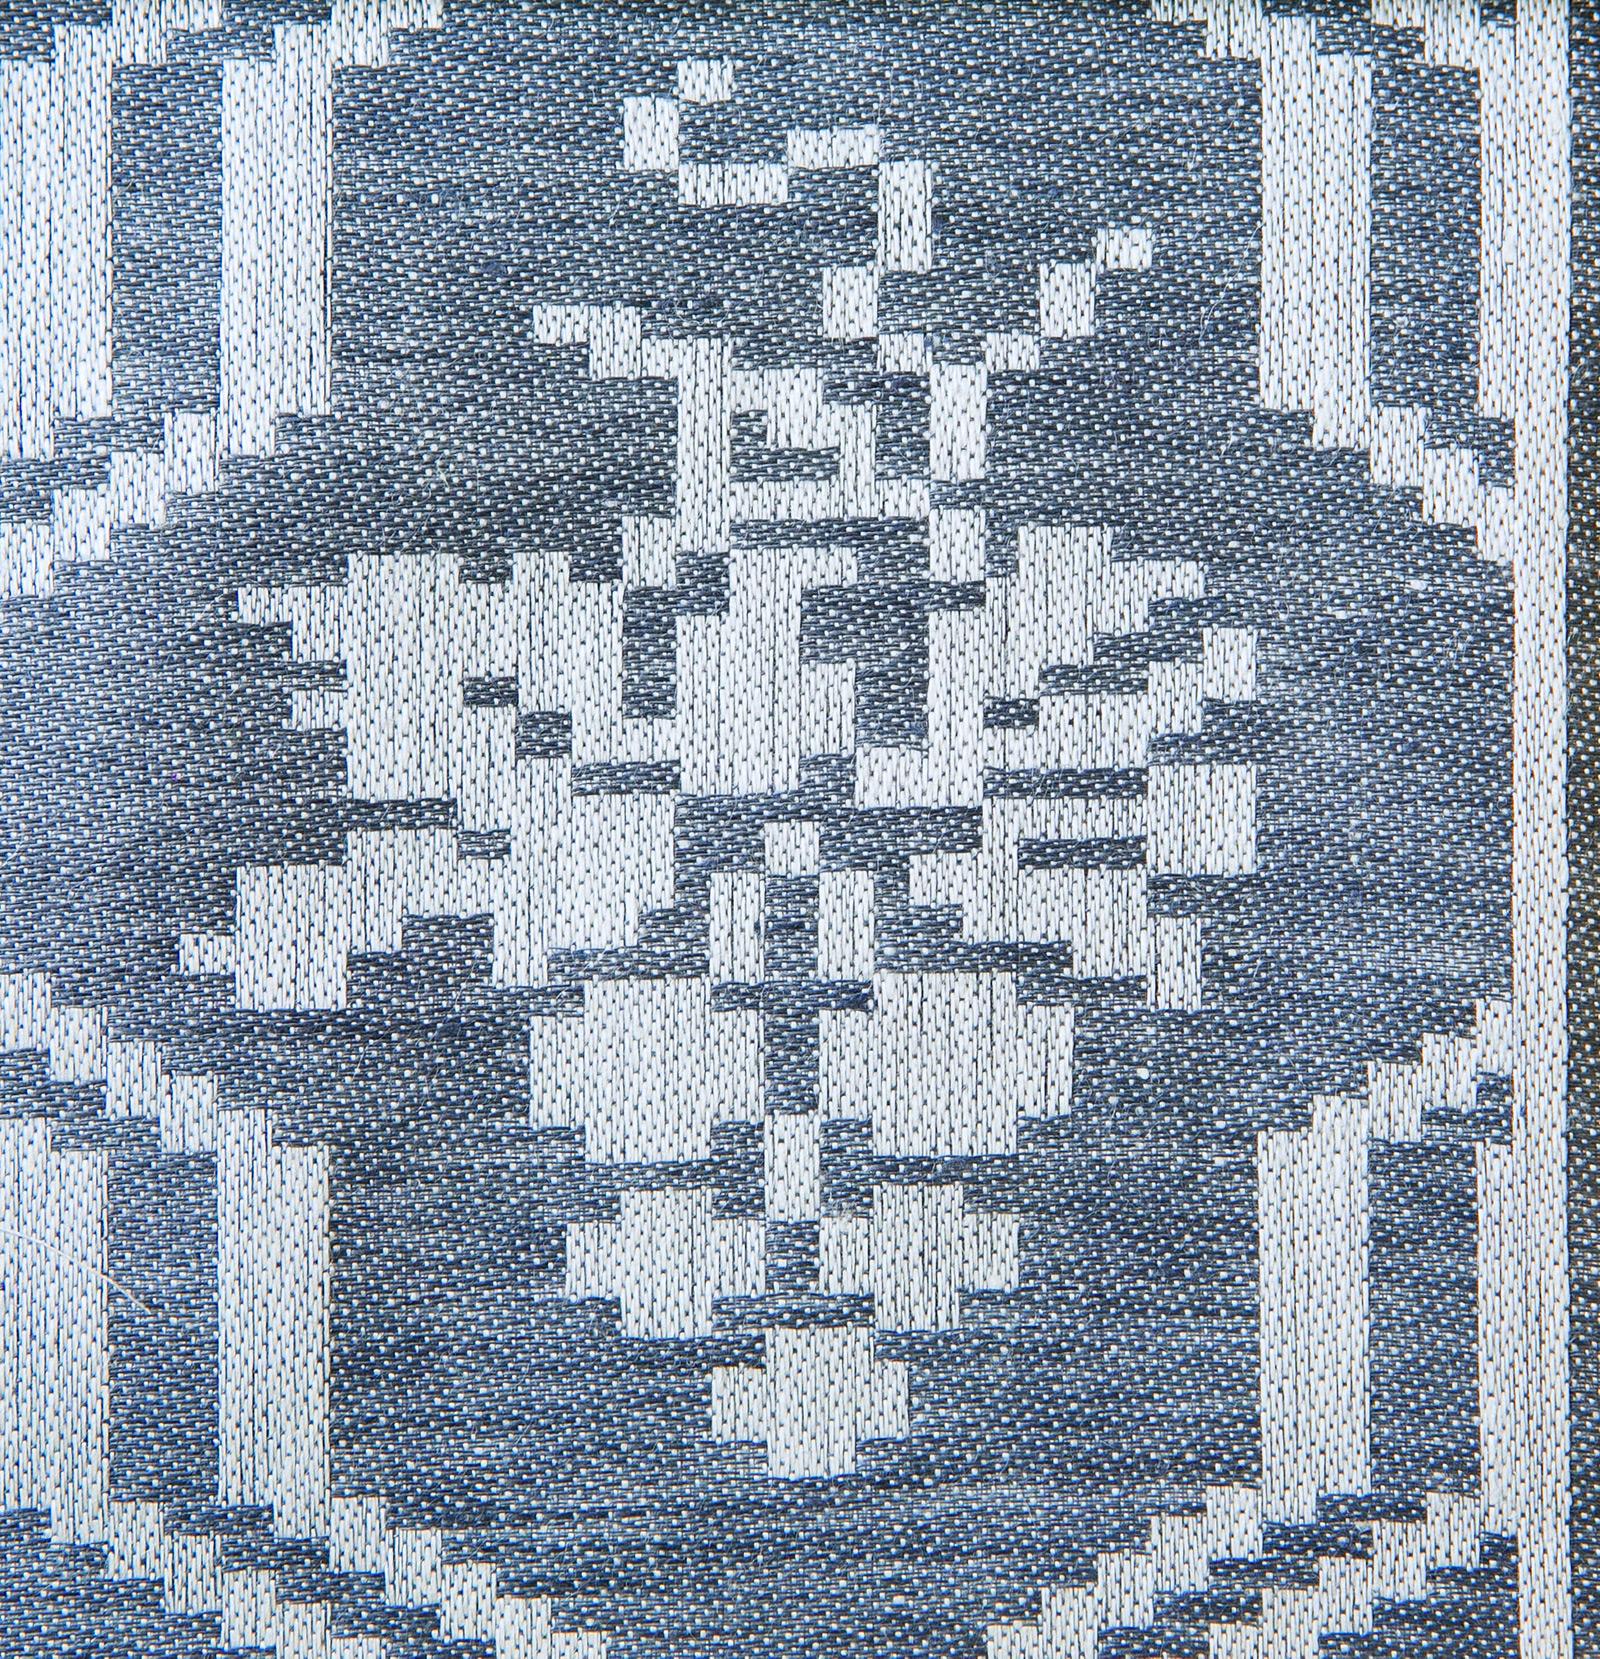 Druvklasen linne duk och servettmöster Klässbols Linneväveri formgiven av Hjalmar Johansson jeansblå